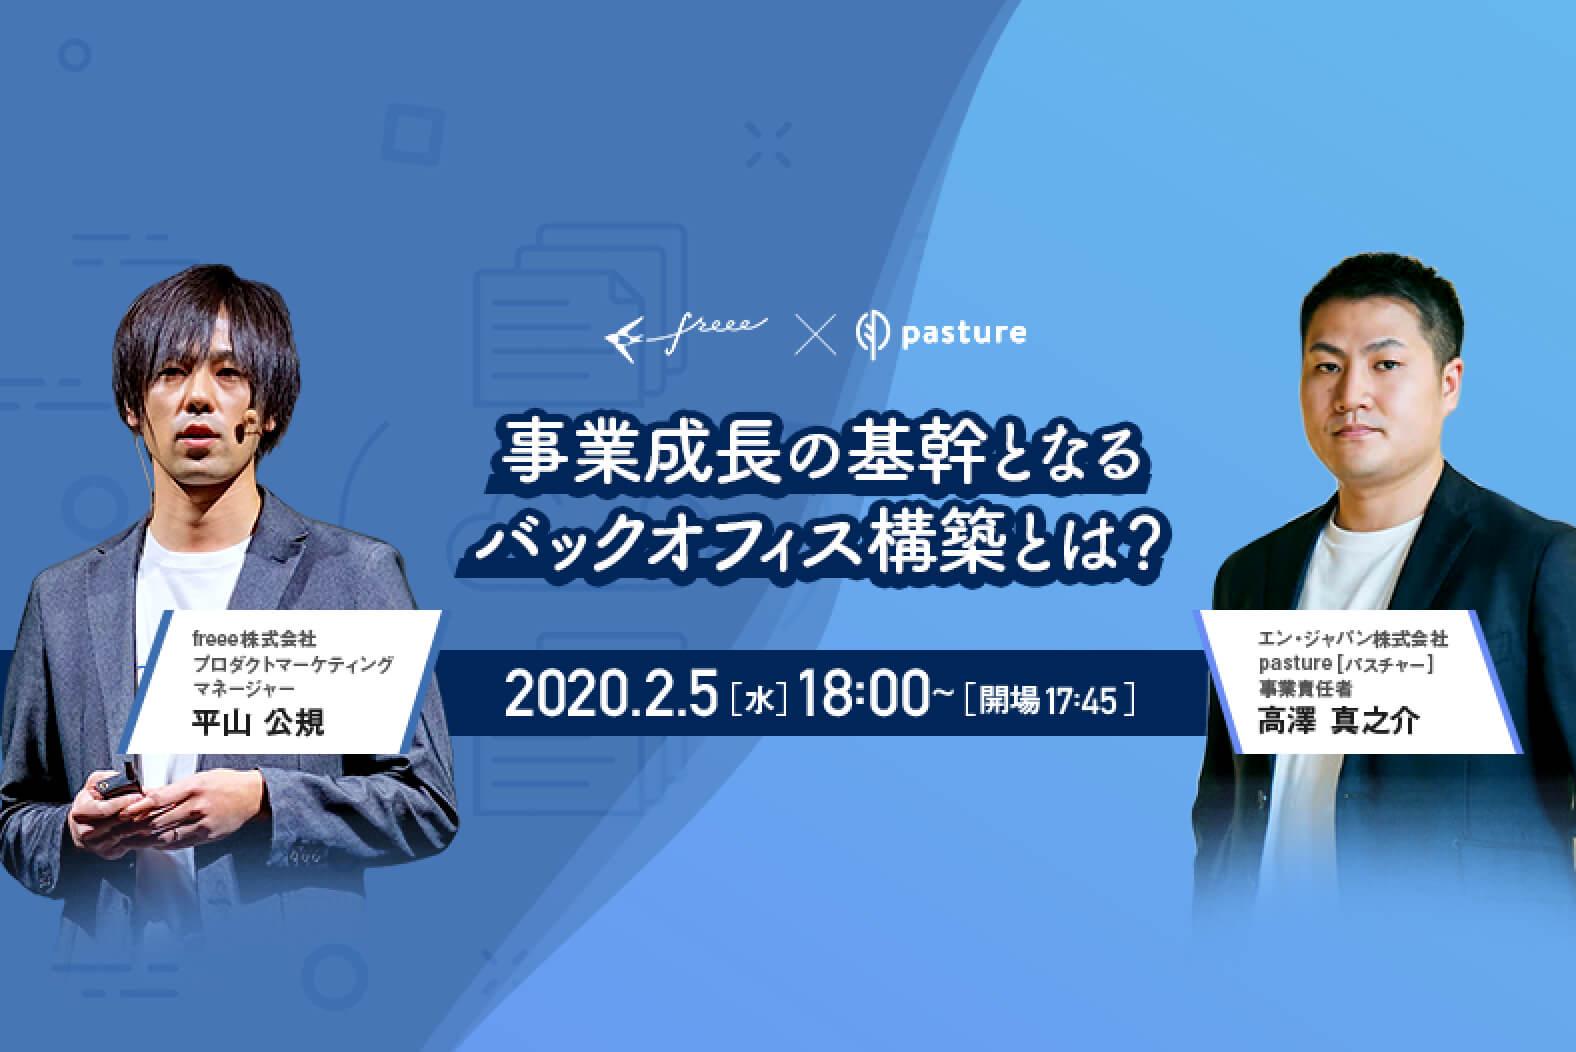 2月5日開催!【freee×pasture 連携記念イベント】事業成長の基幹となるバックオフィス構築とは?